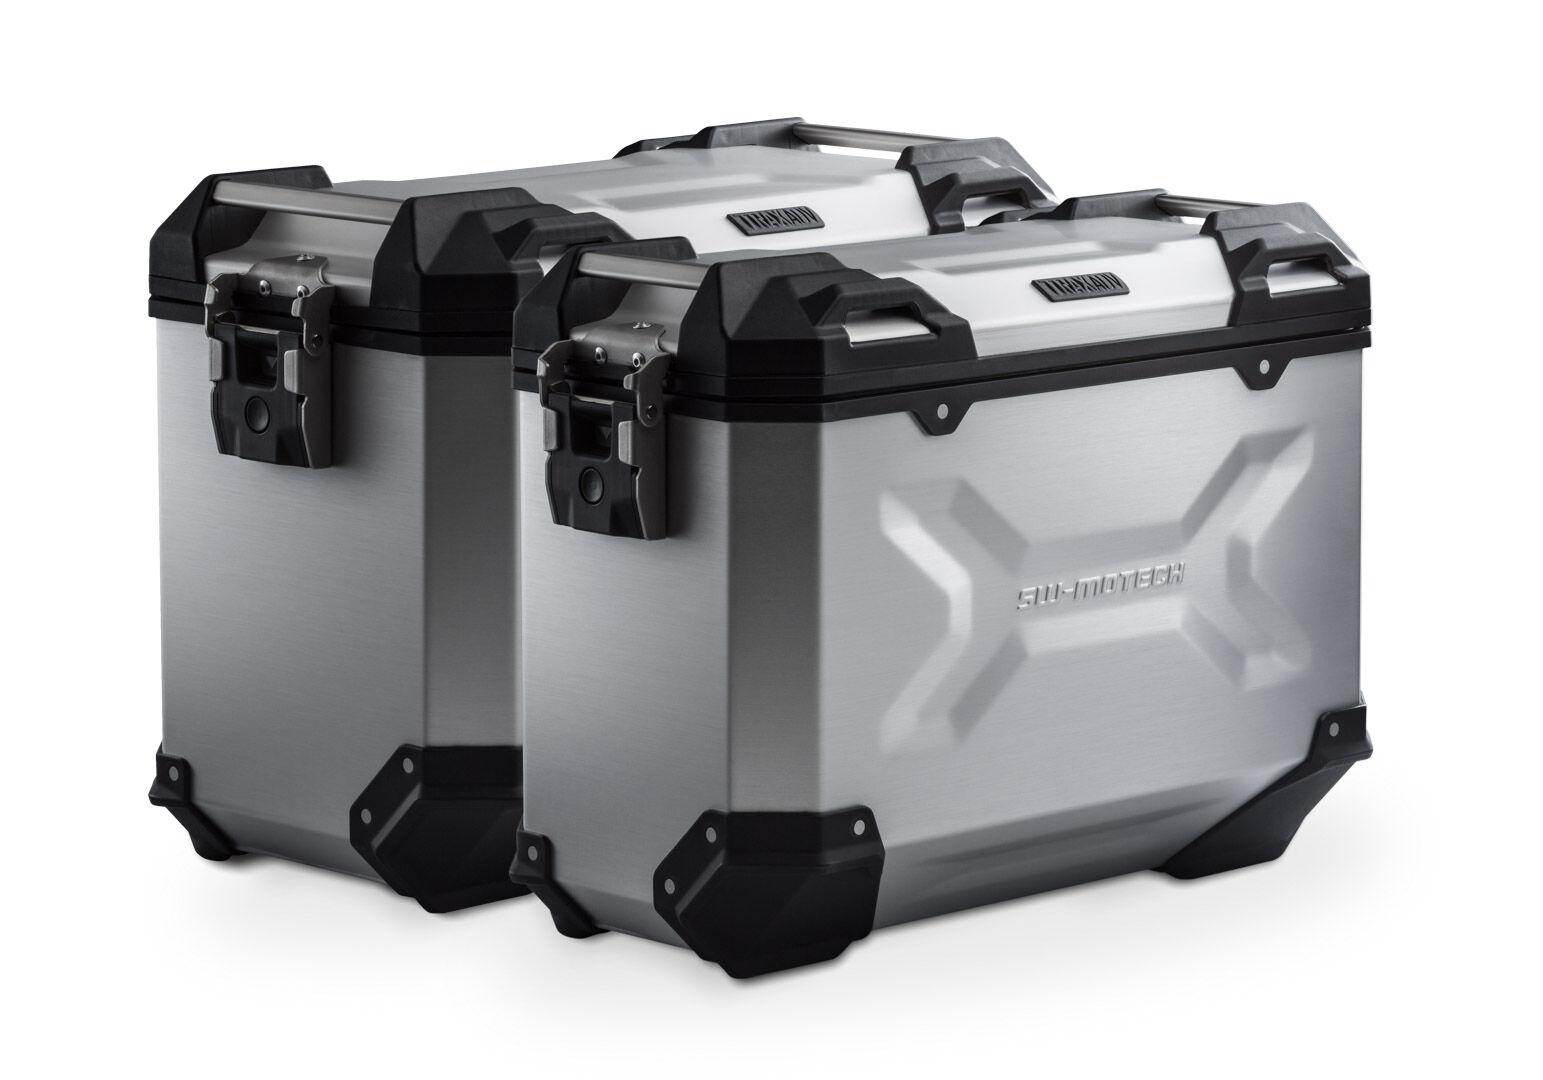 SW-Motech Sistema de maletas TRAX ADV - Plateado. 45/37 l. BMW F750GS, F850GS/Adv (17-).